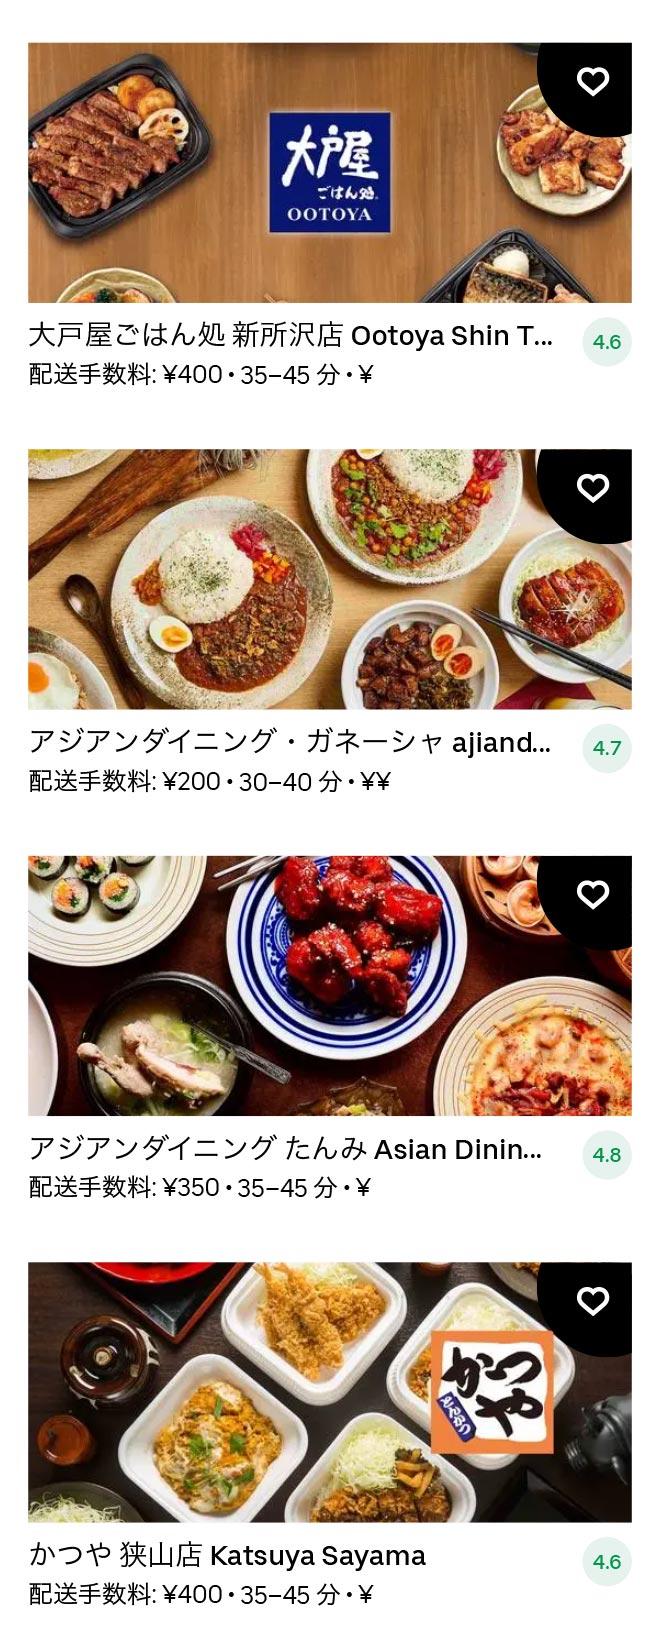 Iriso menu 2102 03